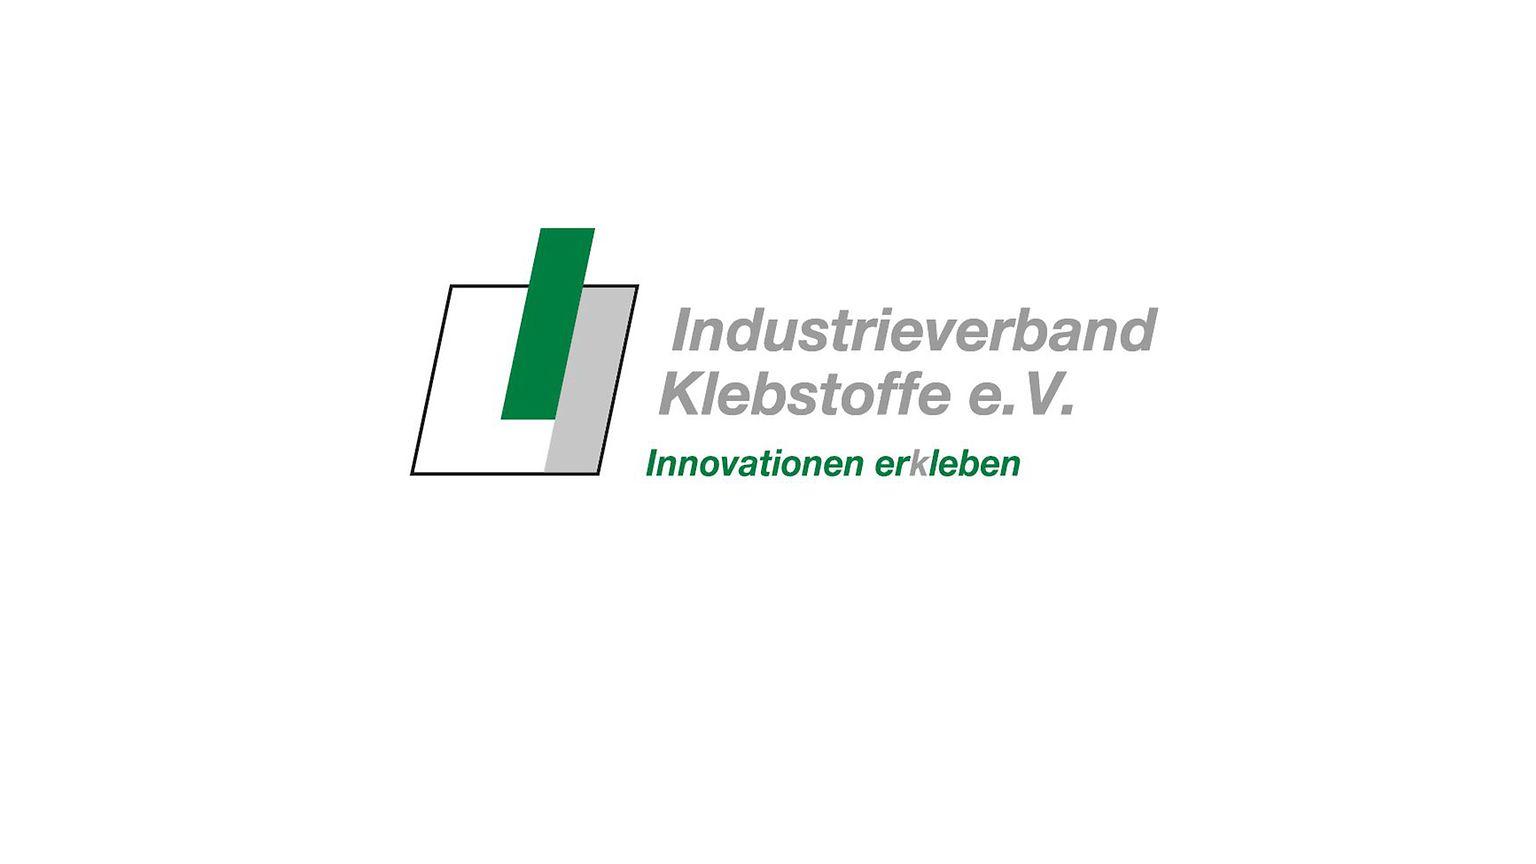 IVK-Logo